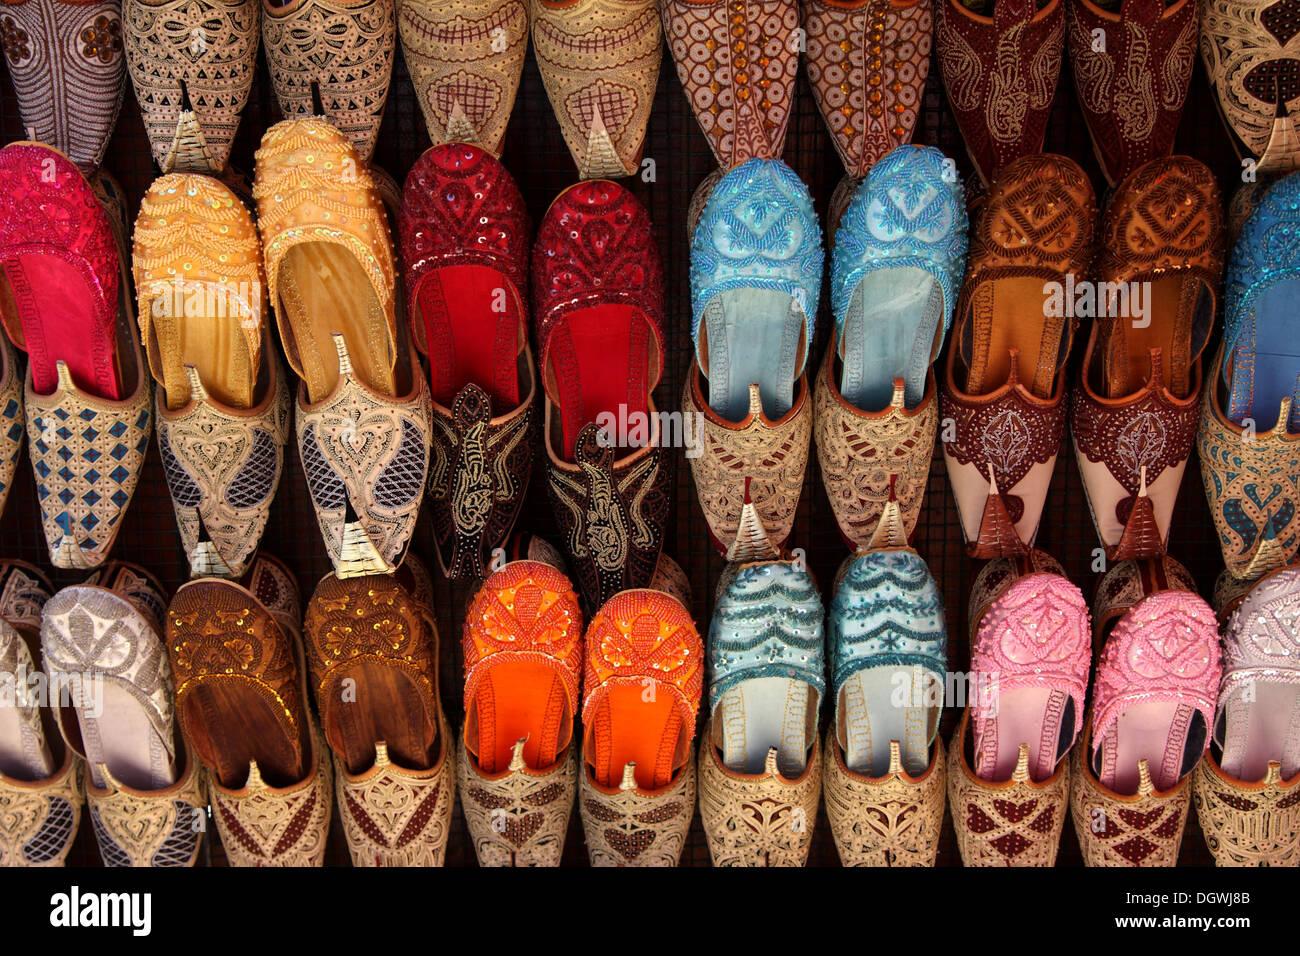 037ec3d31f89 Anzeige der bunte indische Schuhe zum Verkauf in Bur Dubai Souk, Dubai,  Vereinigte Arabische